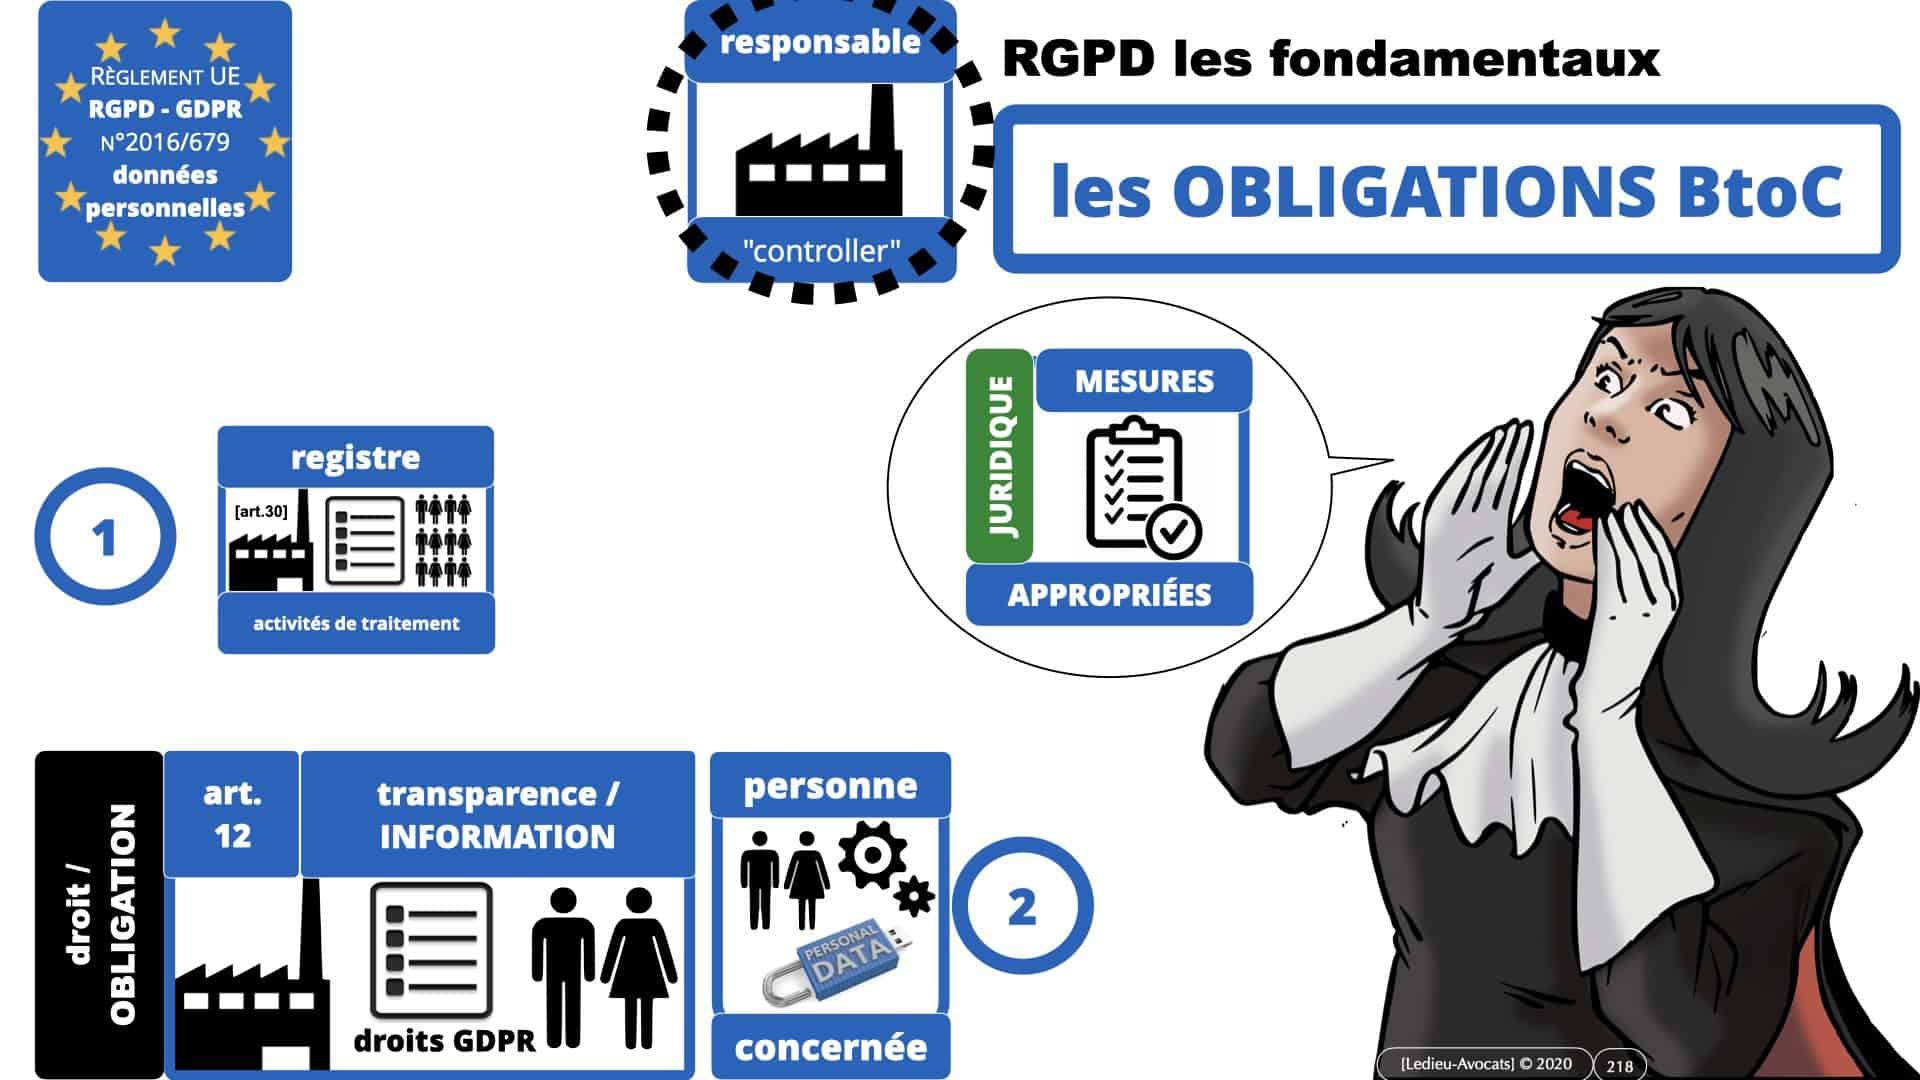 RGPD e-Privacy données personnelles jurisprudence formation Lamy Les Echos 10-02-2021 ©Ledieu-Avocats.218